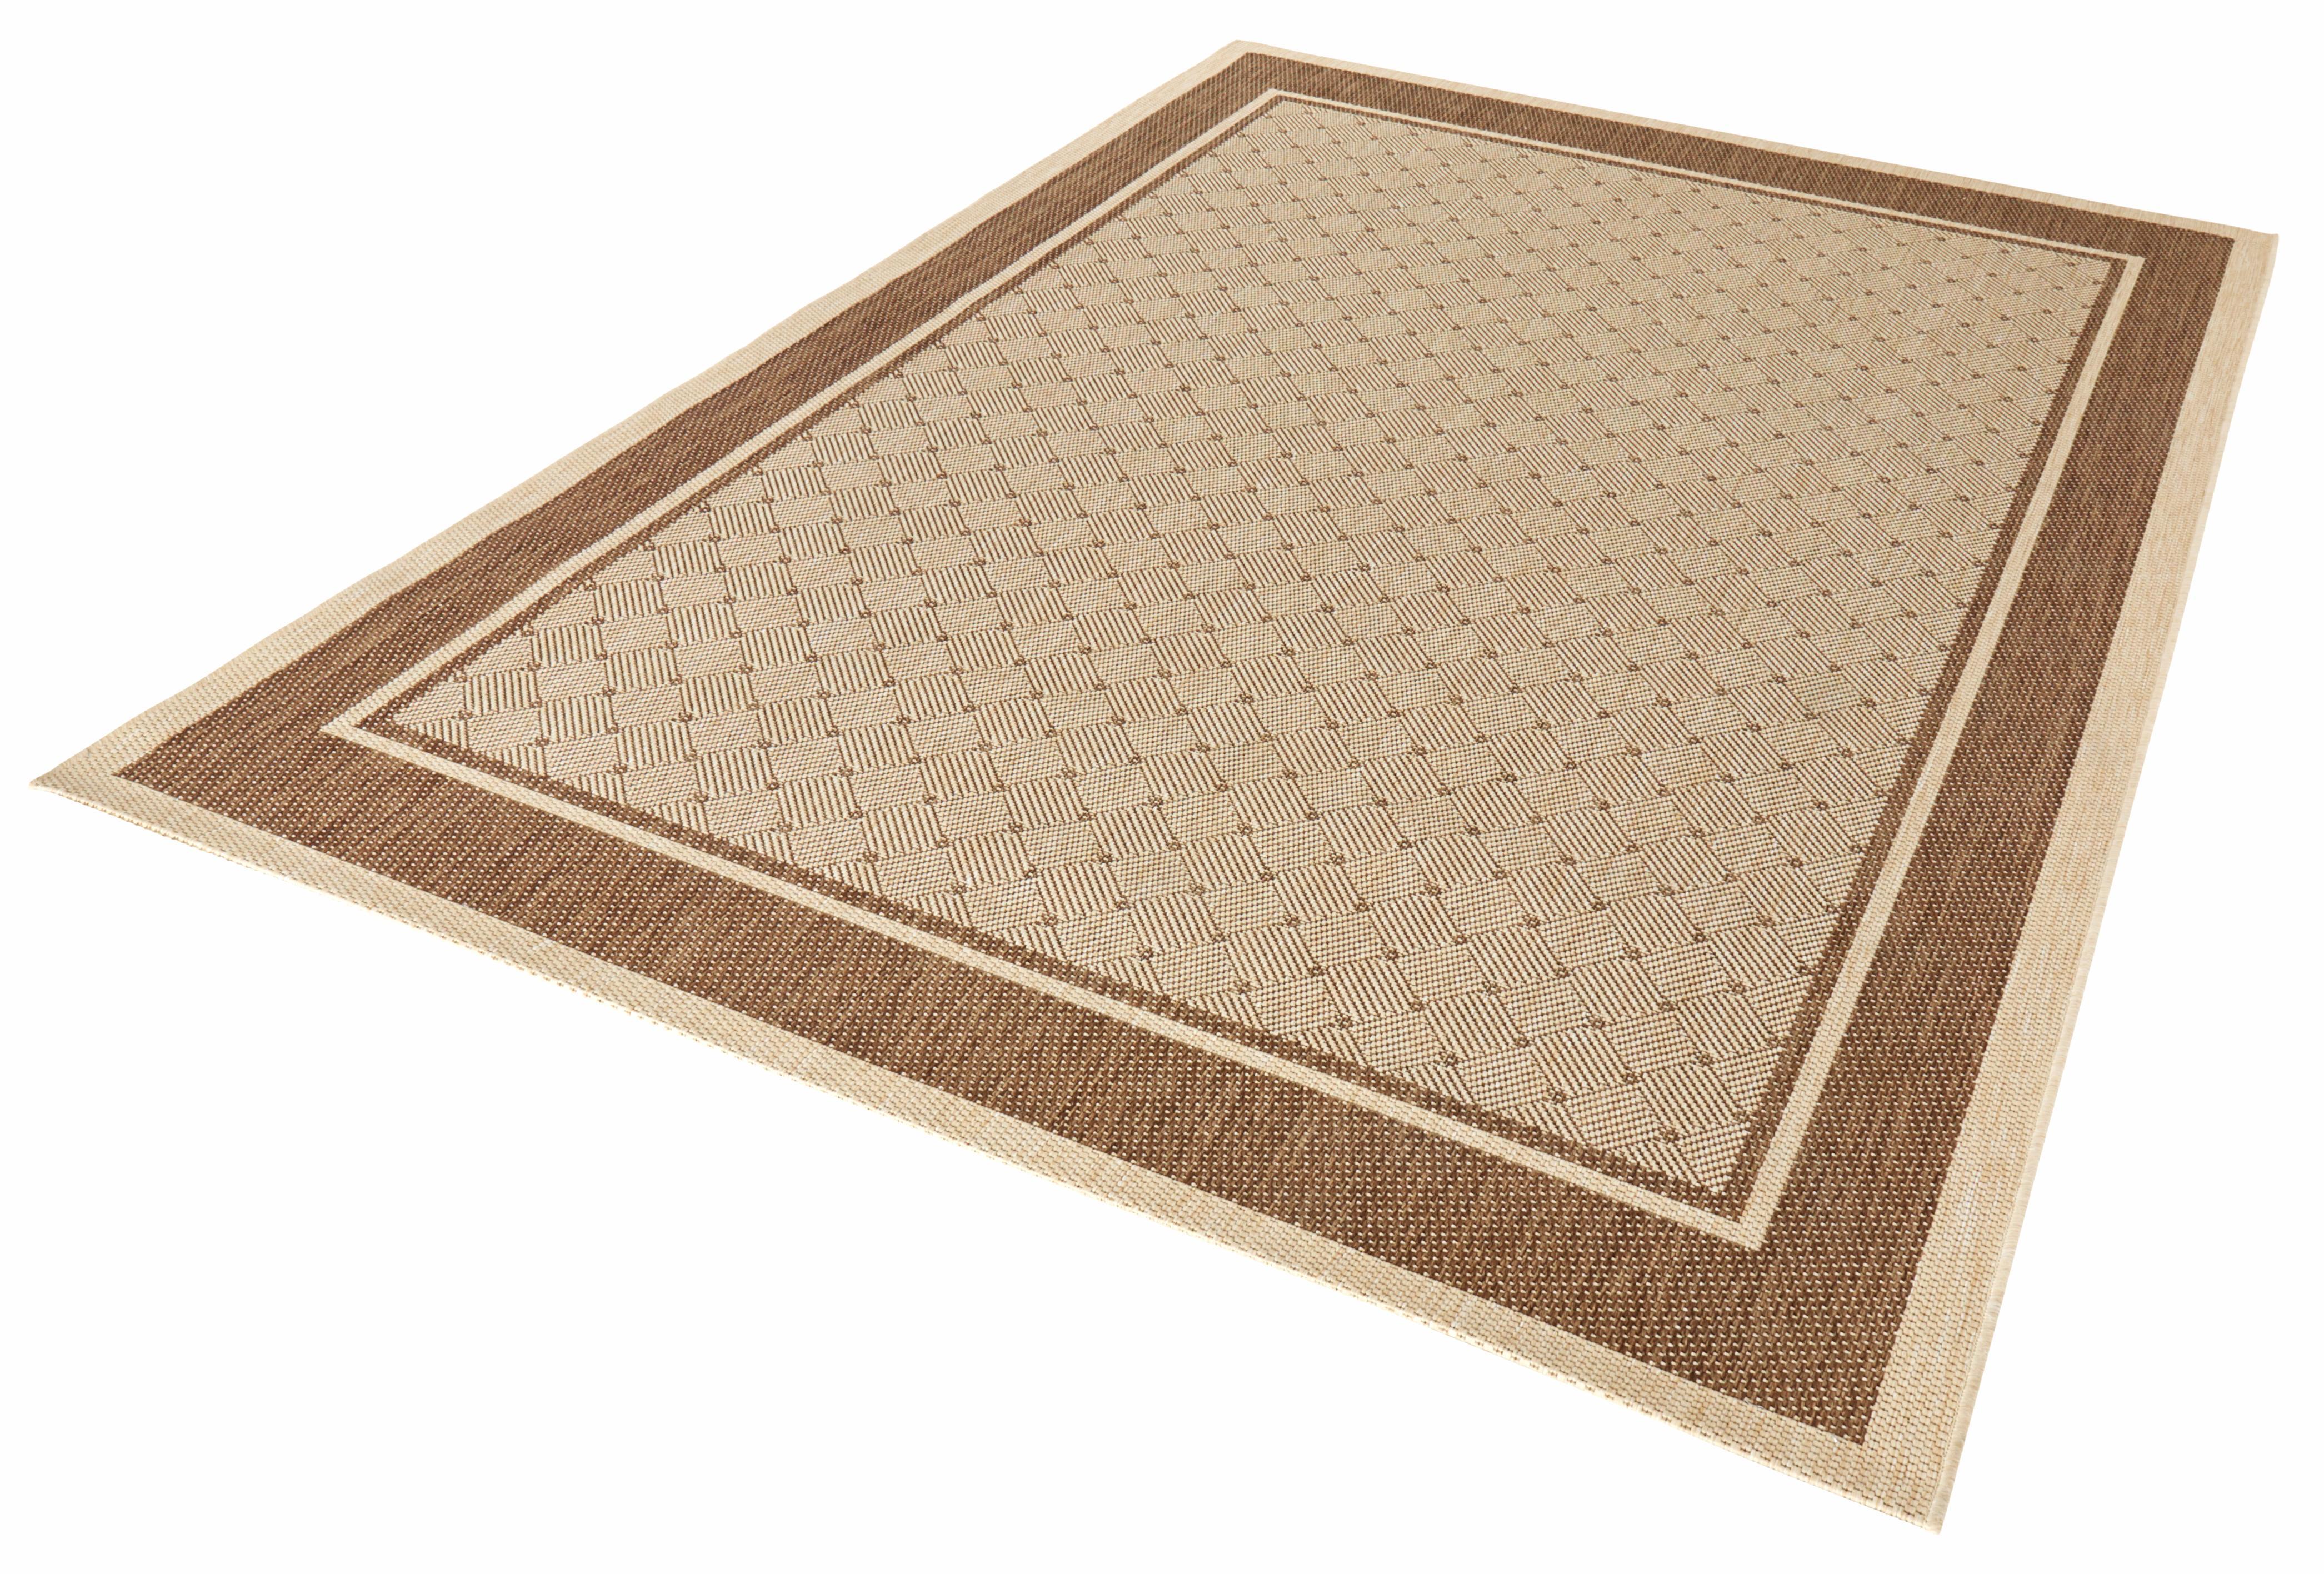 Teppich Classy HANSE Home rechteckig Höhe 8 mm